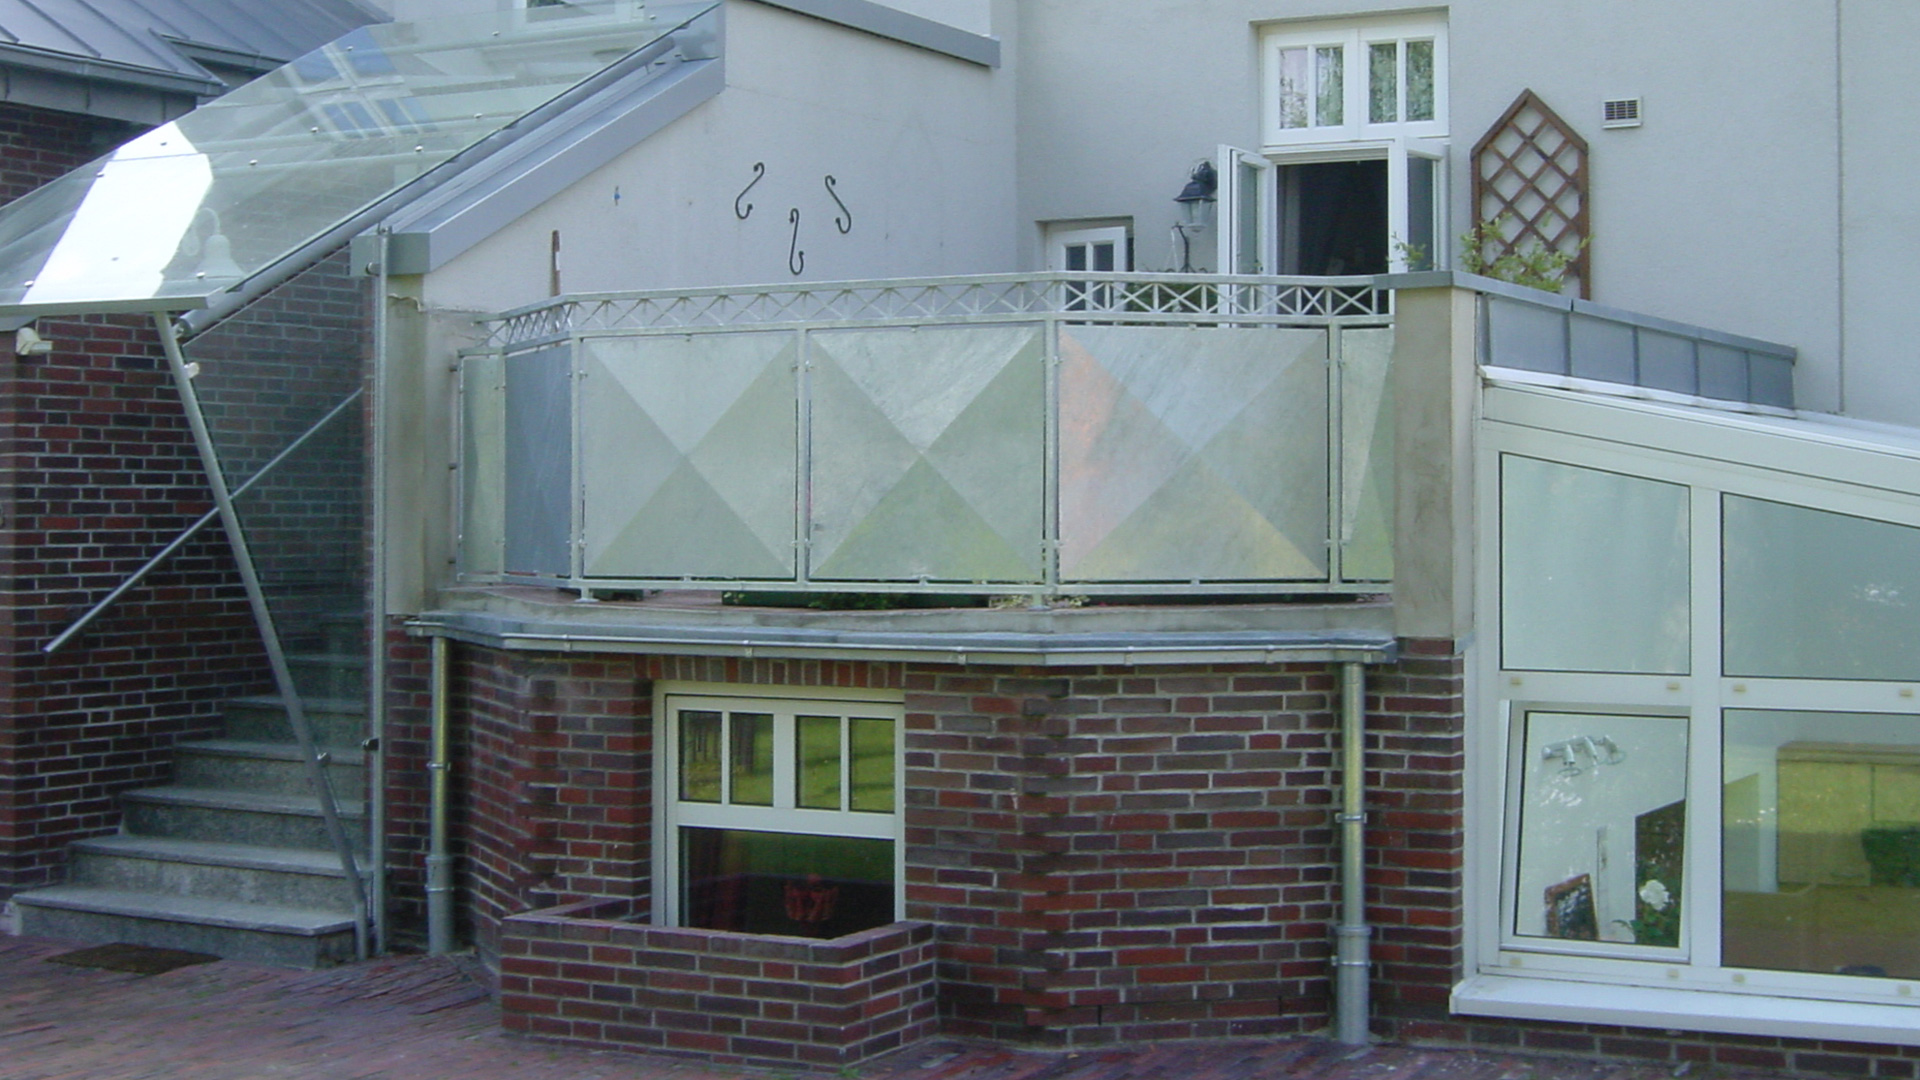 Terrasse mit Metallbrüstung an einem Wohnhaus